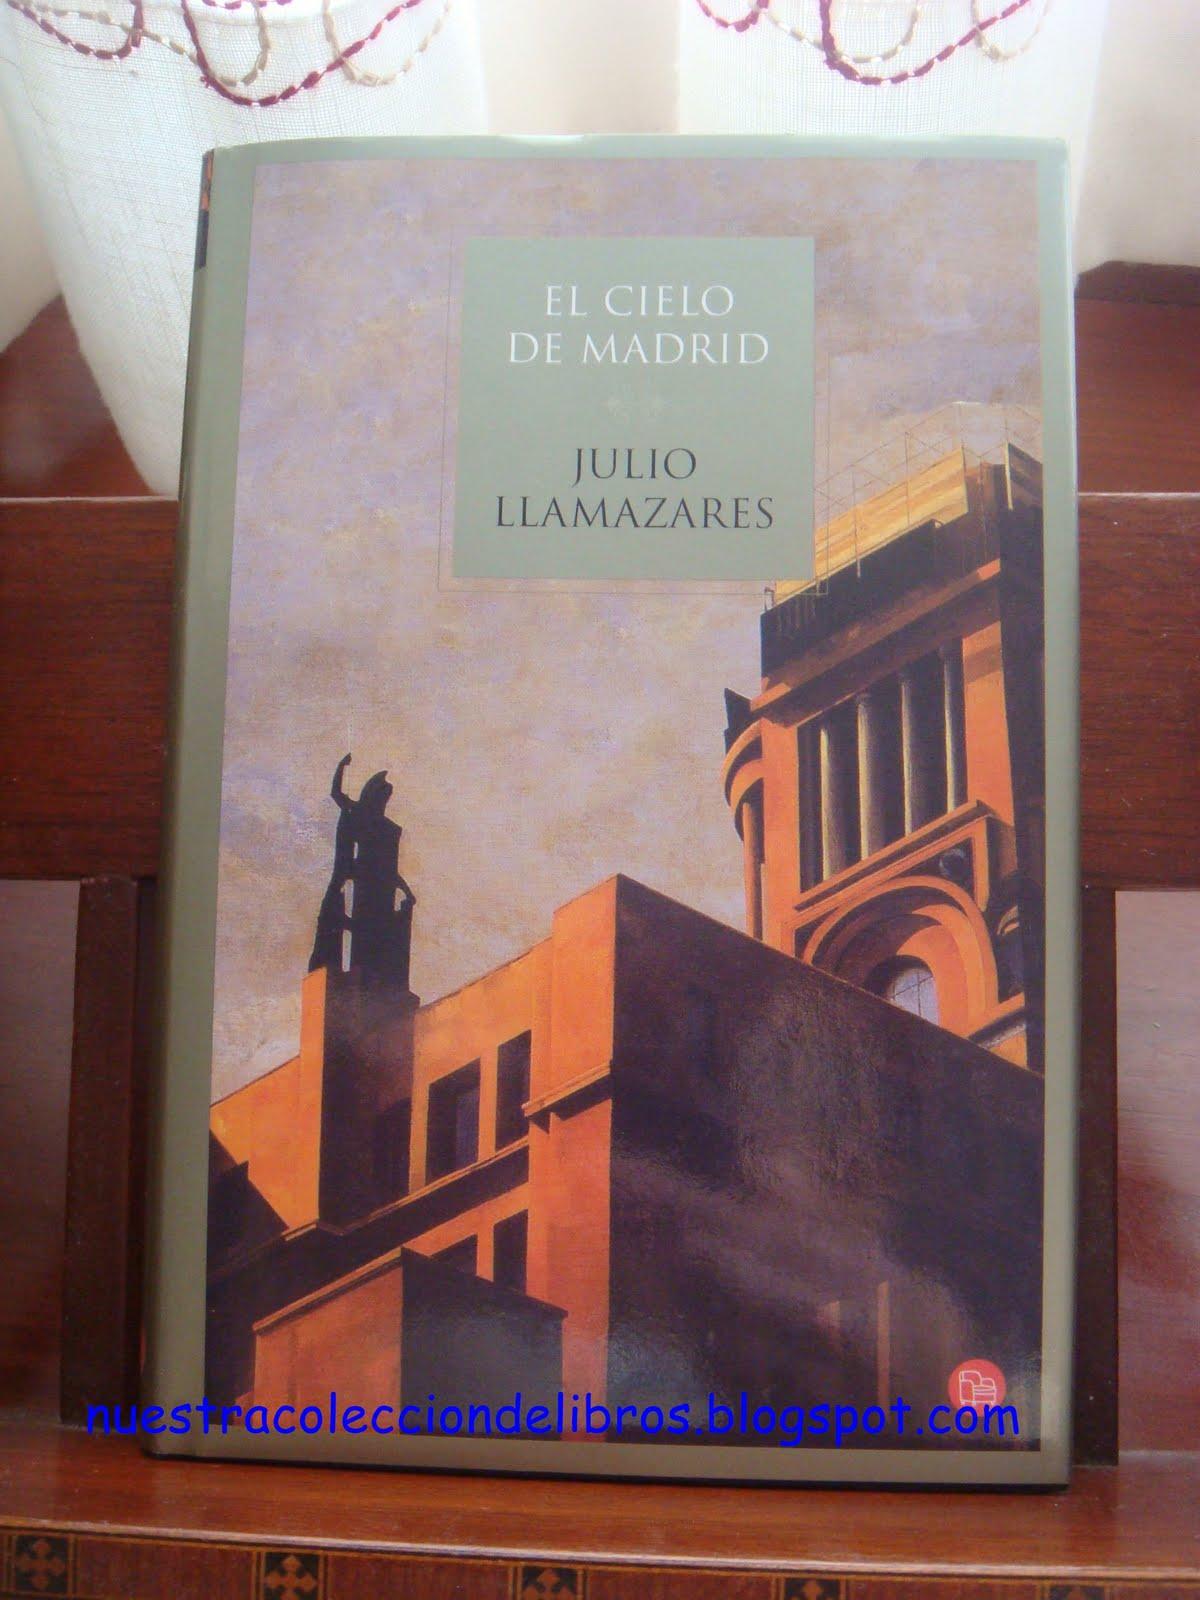 Nuestra biblioteca el cielo de madrid - El cielo de madrid ...